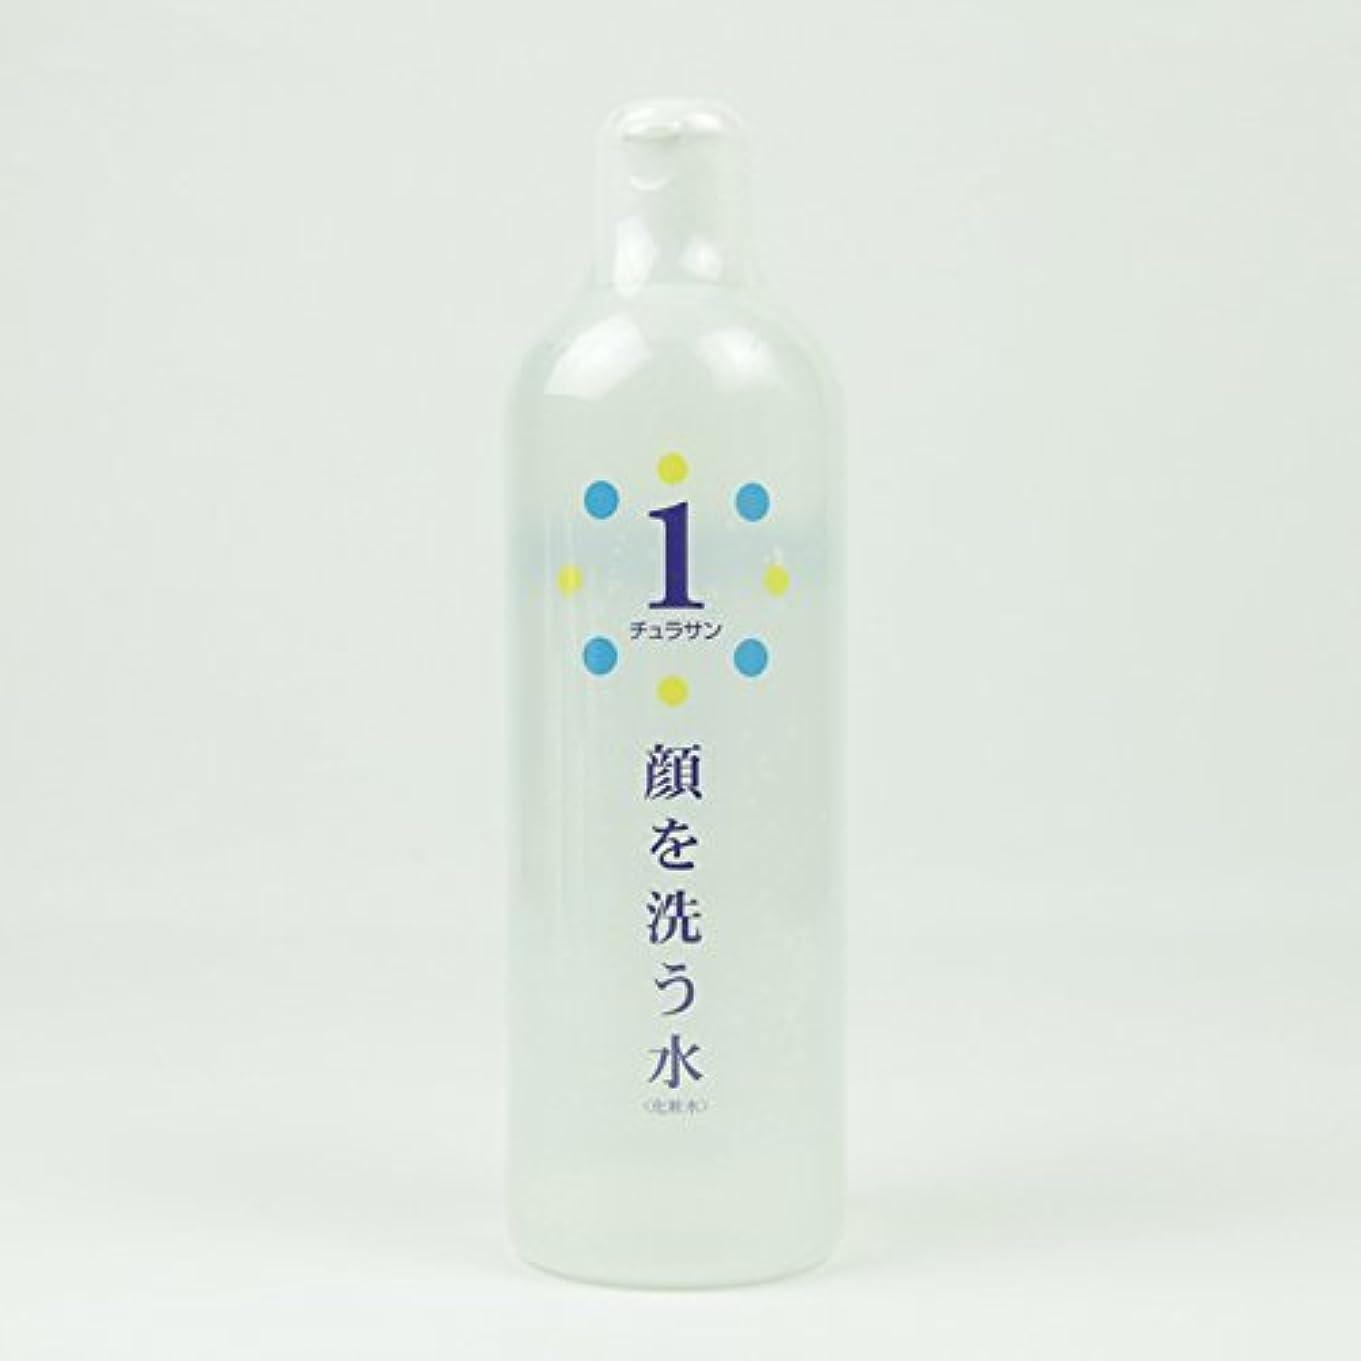 適応するロール悪化するチュラサン1 【顔を洗う水】 500ml